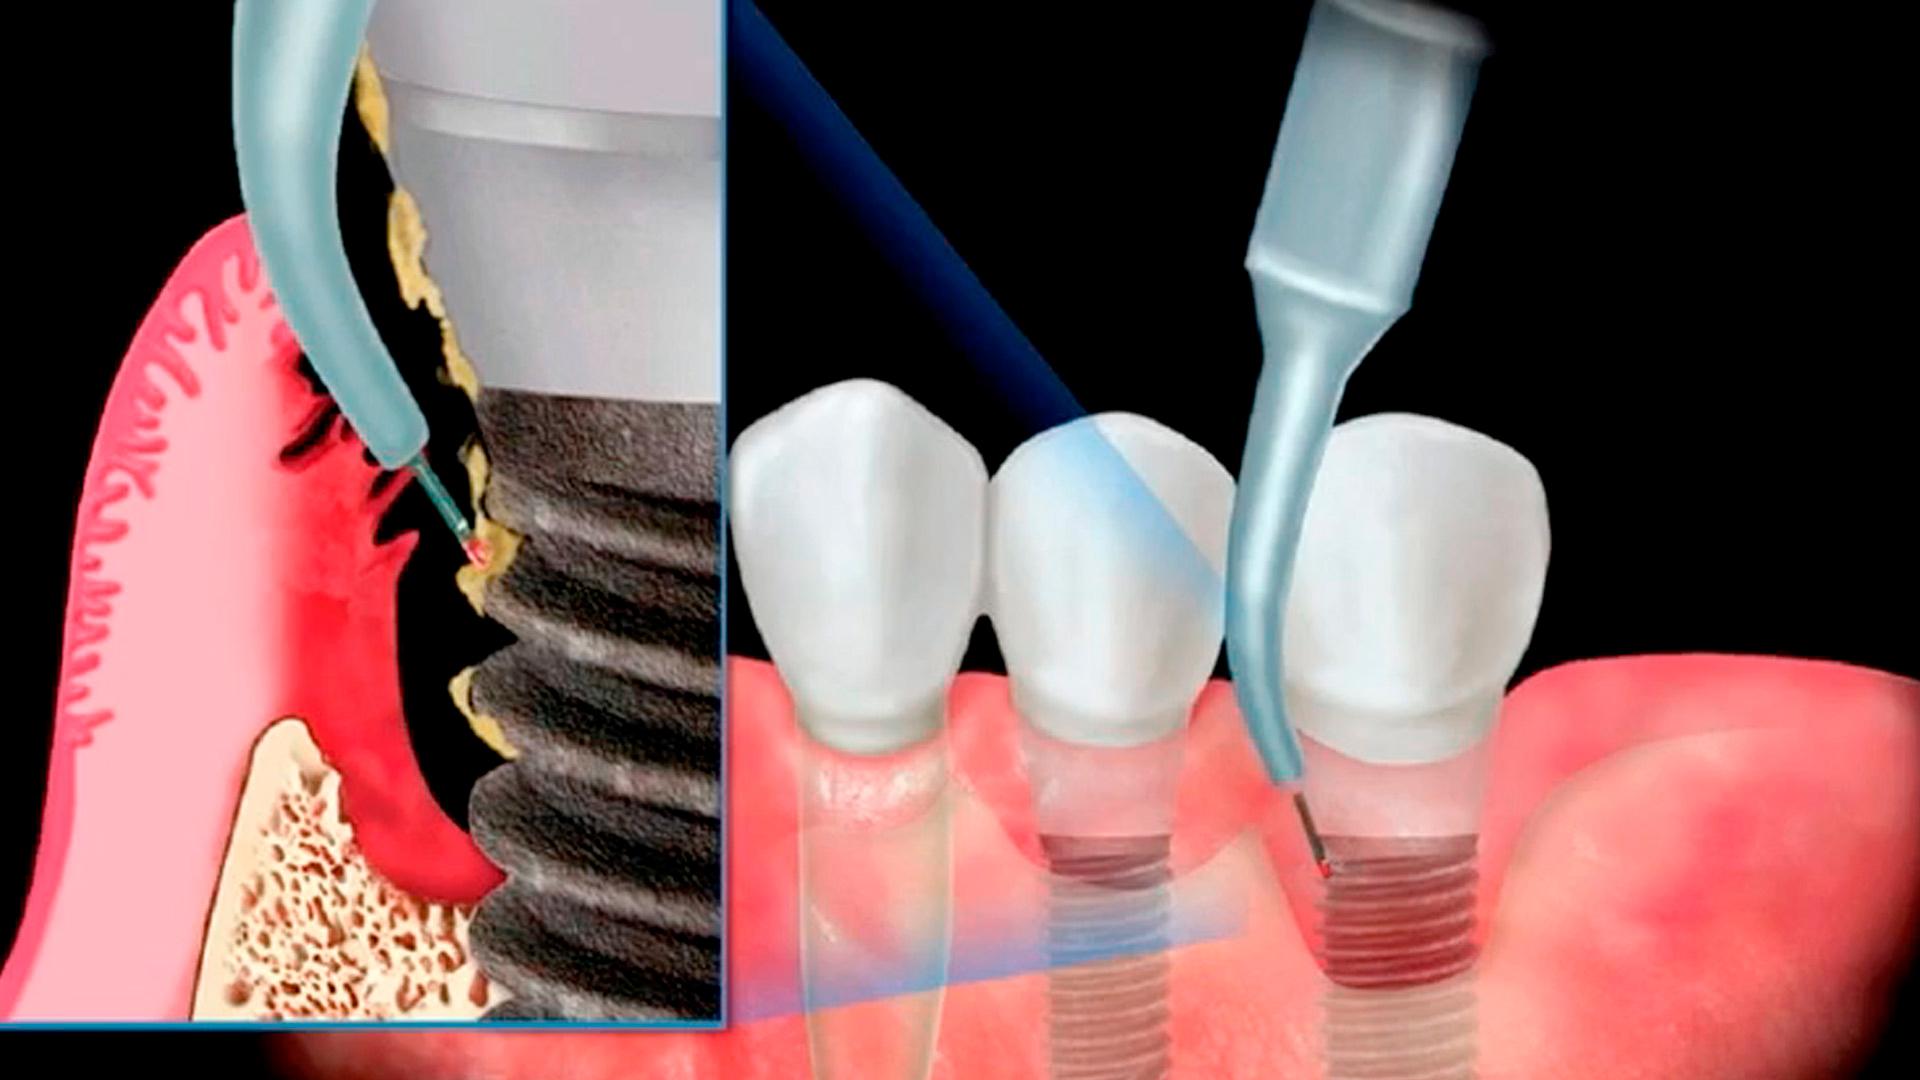 La masterclass de odontología Mantenimiento clínico de los implantes dentales: el papel del higienista dental forma parte de nuestro catálogo de masterclass de Knotgroup Dental Institute